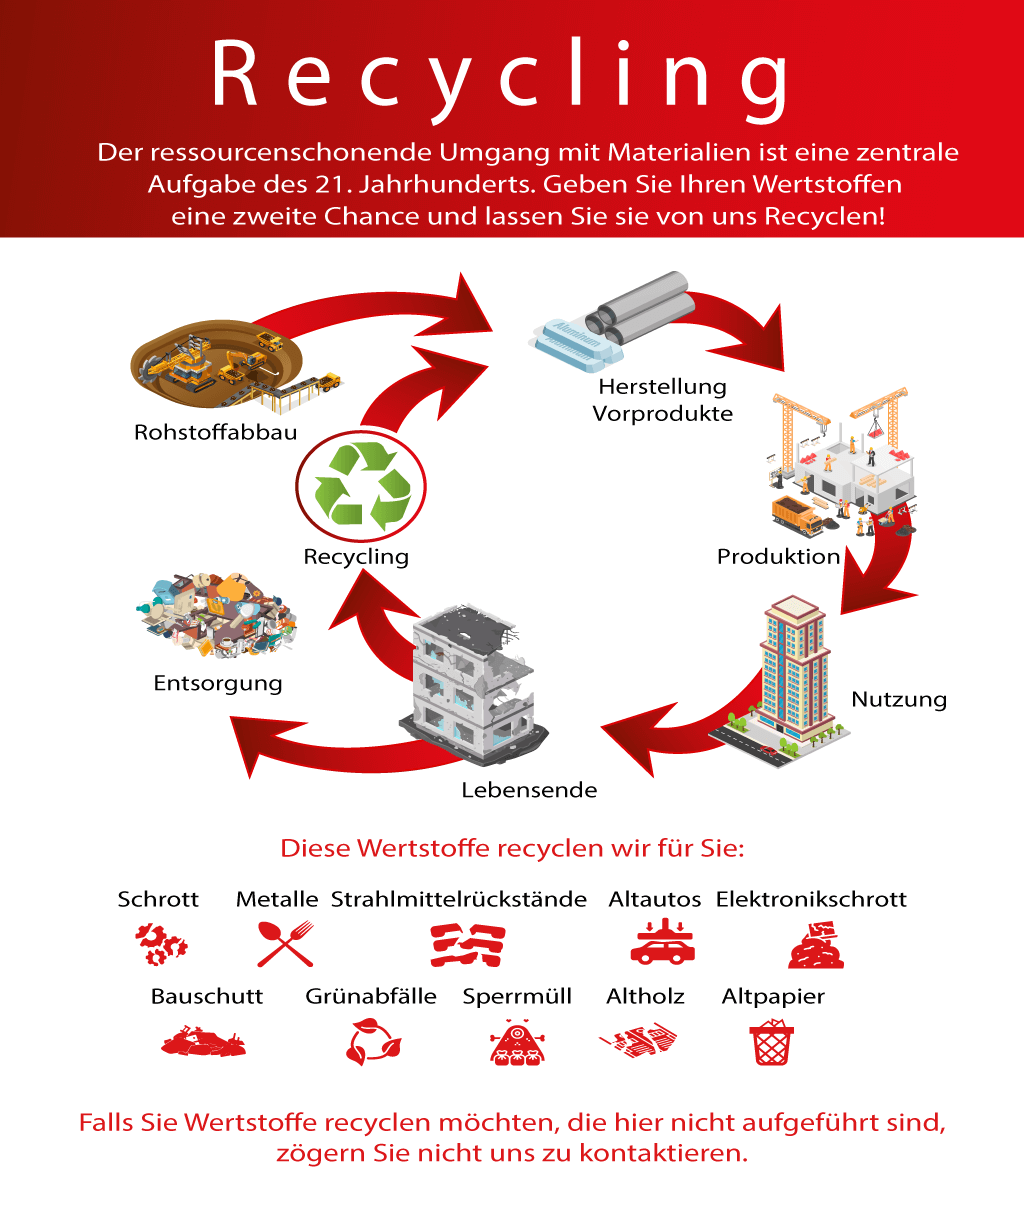 Der ressourcenschonende Umgang mit Materialien ist eine zentrale Aufgabe des 21. Jahrhunderts. Dazu leisten wir unseren Beitrag und recyclen möglichst alle angelieferten Wertstoffe. Geben Sie Ihren Wertstoffen eine zweite Chance und lassen Sie sie von uns Recyclen! Diese Wertstoffe recyclen wir für Sie: – Schrott – Metalle – Altautos (Restkarossen) – Strahlmittelrückstände – Elektronikschrott – Bauschutt – Baustellenabfälle – Grünabfälle – Sperrmüll – Altholz – Altpapier Falls Sie Wertstoffe recyclen möchten, die hier nicht aufgeführt sind, zögern Sie nicht uns zu kontaktieren.